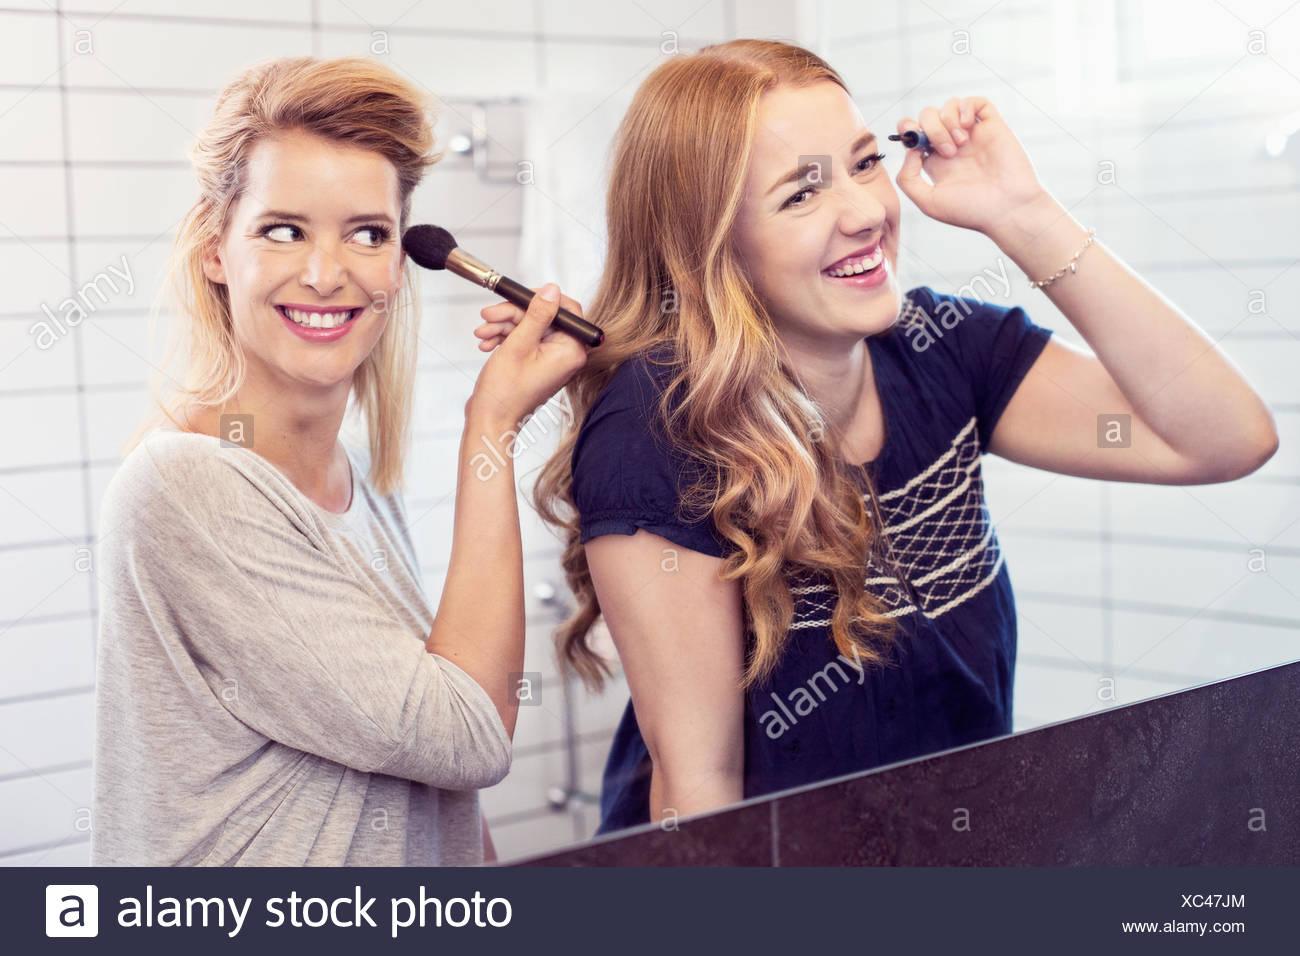 Glückliche junge Schwestern Schminken im Spiegel Stockbild